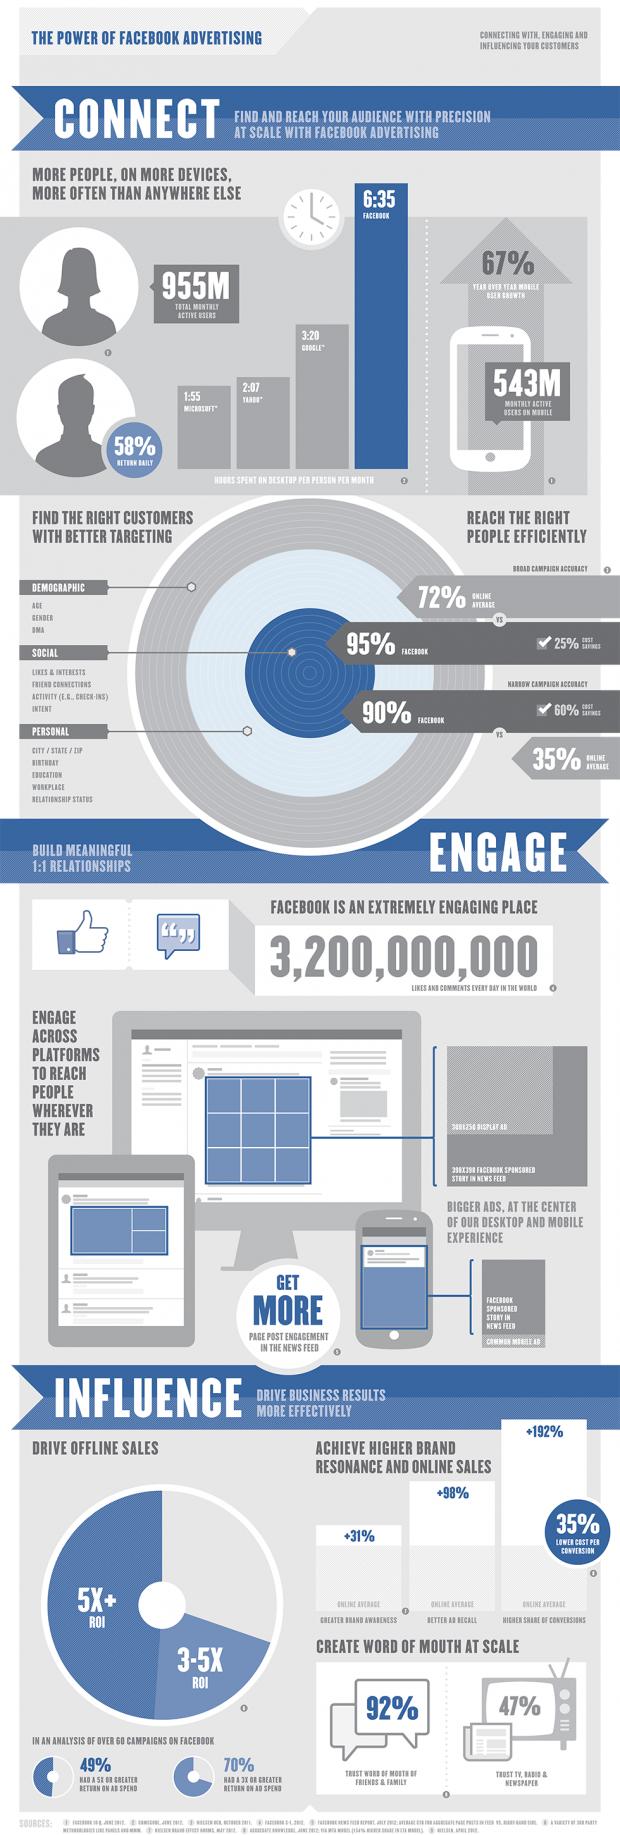 Користувачі Facebook залишають 3,2 млрд лайків і коментарів щодня (інфографіка)